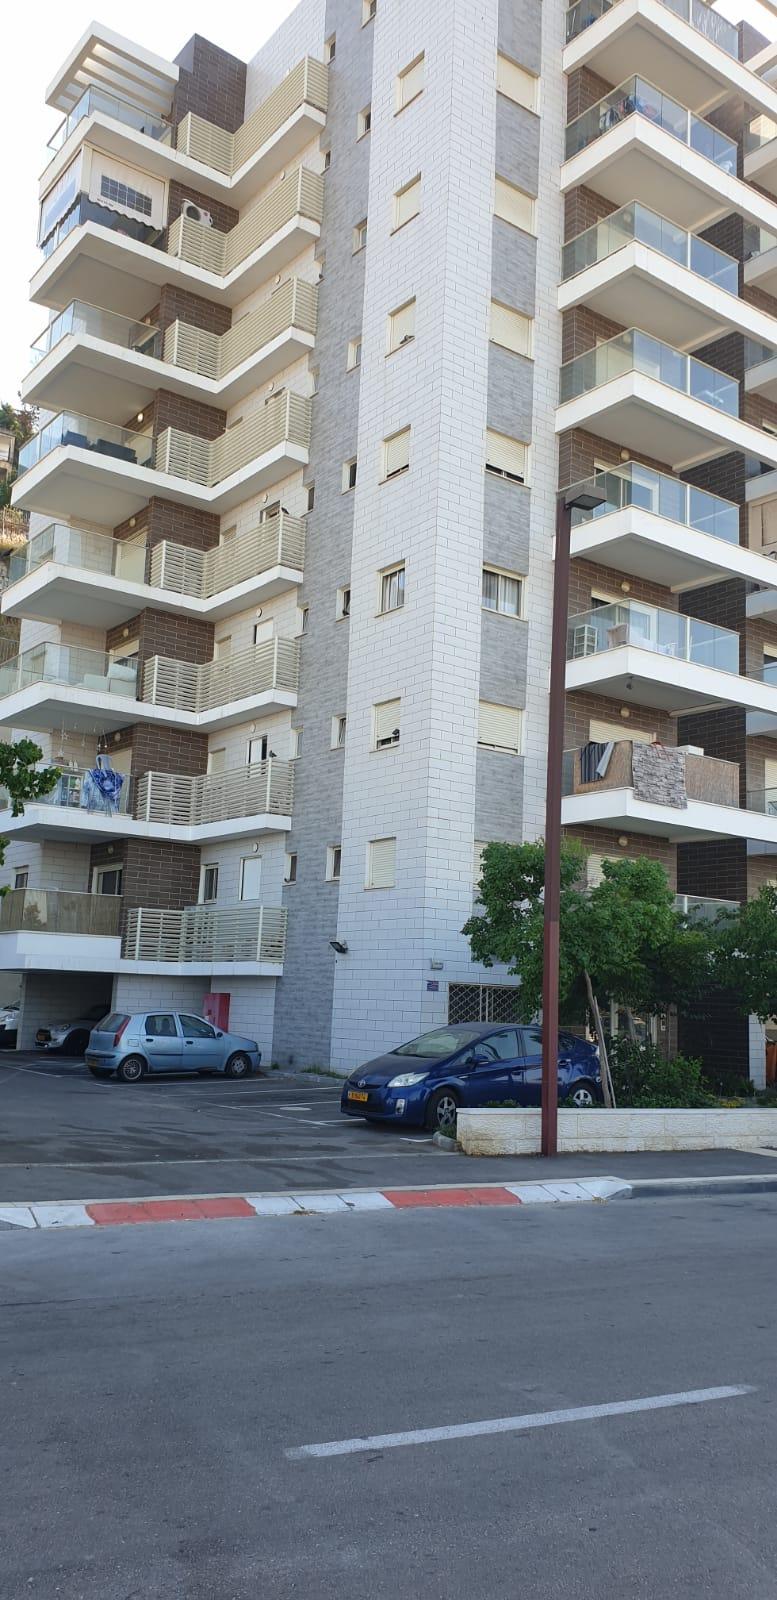 למכירה בחיפה, דירת 3 חד' חדשה ומתאימה להשקעה